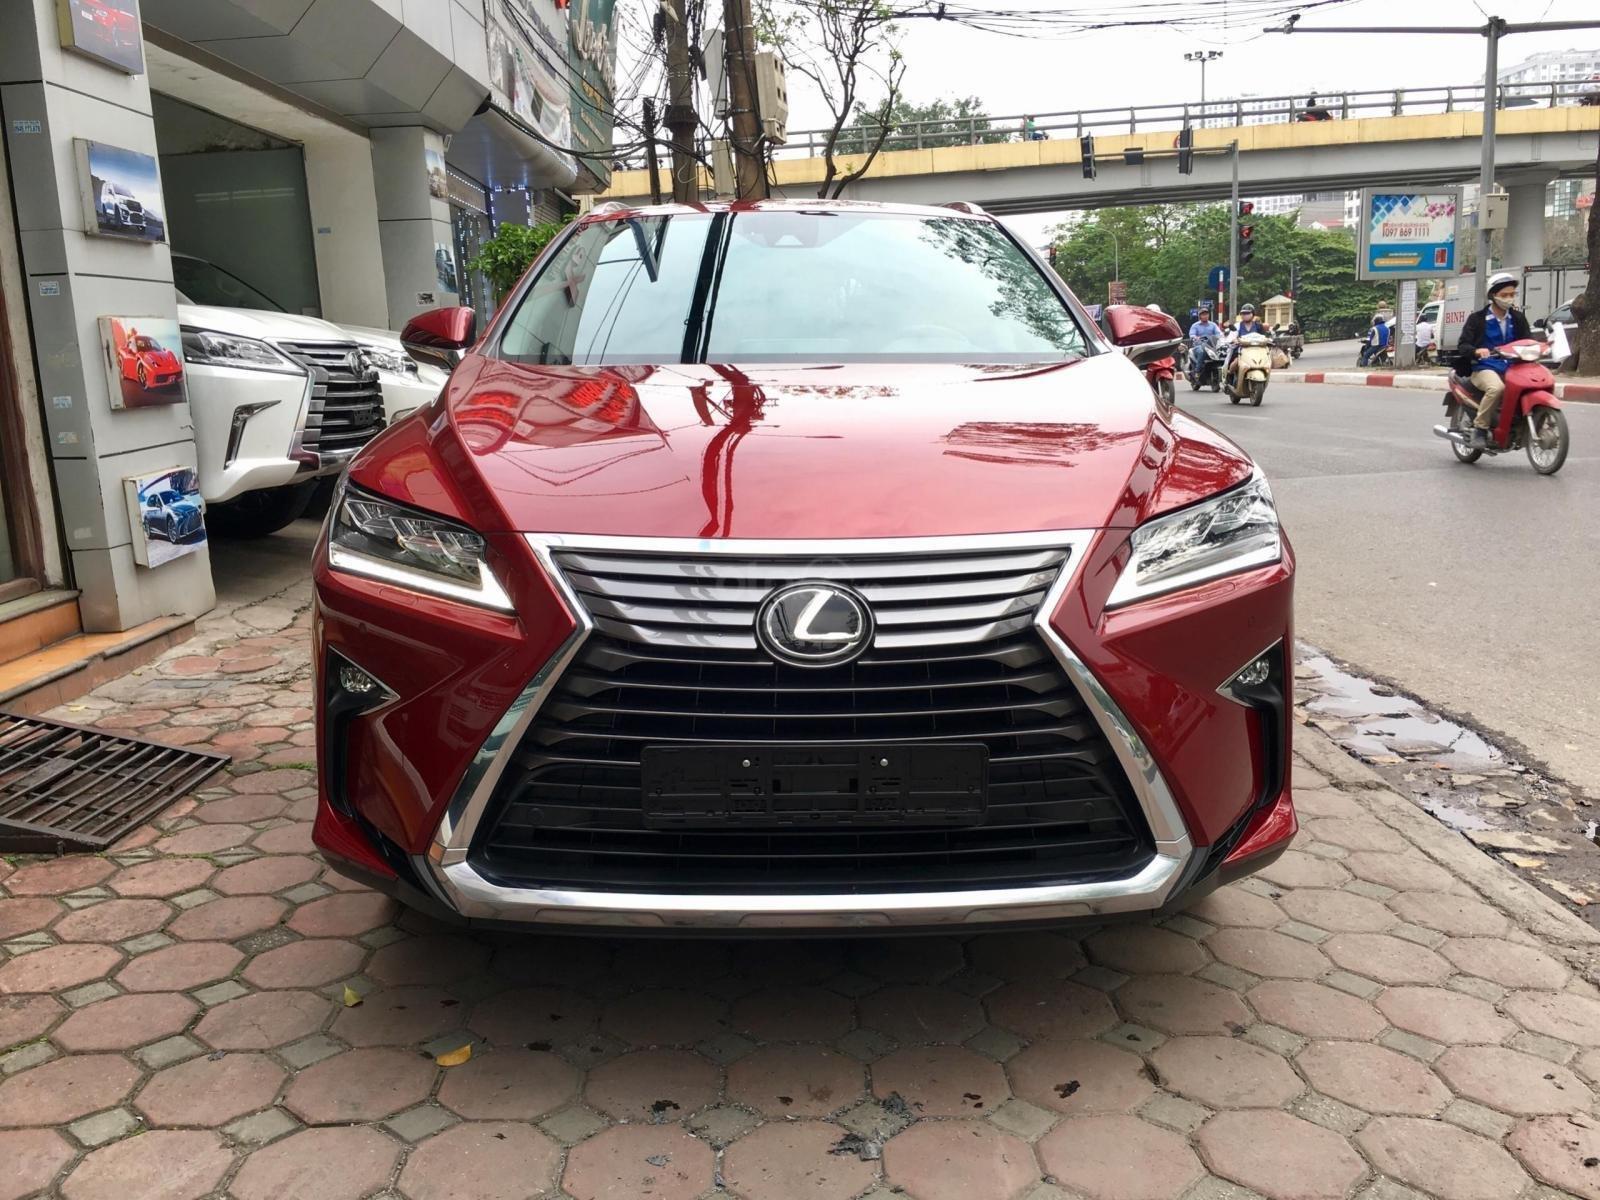 MT Auto bán xe Lexus RX 200t sx 2016, màu đỏ mới 100% giá cực rẻ, hỗ trợ 2 tỷ, LH em Hương 0945392468-0